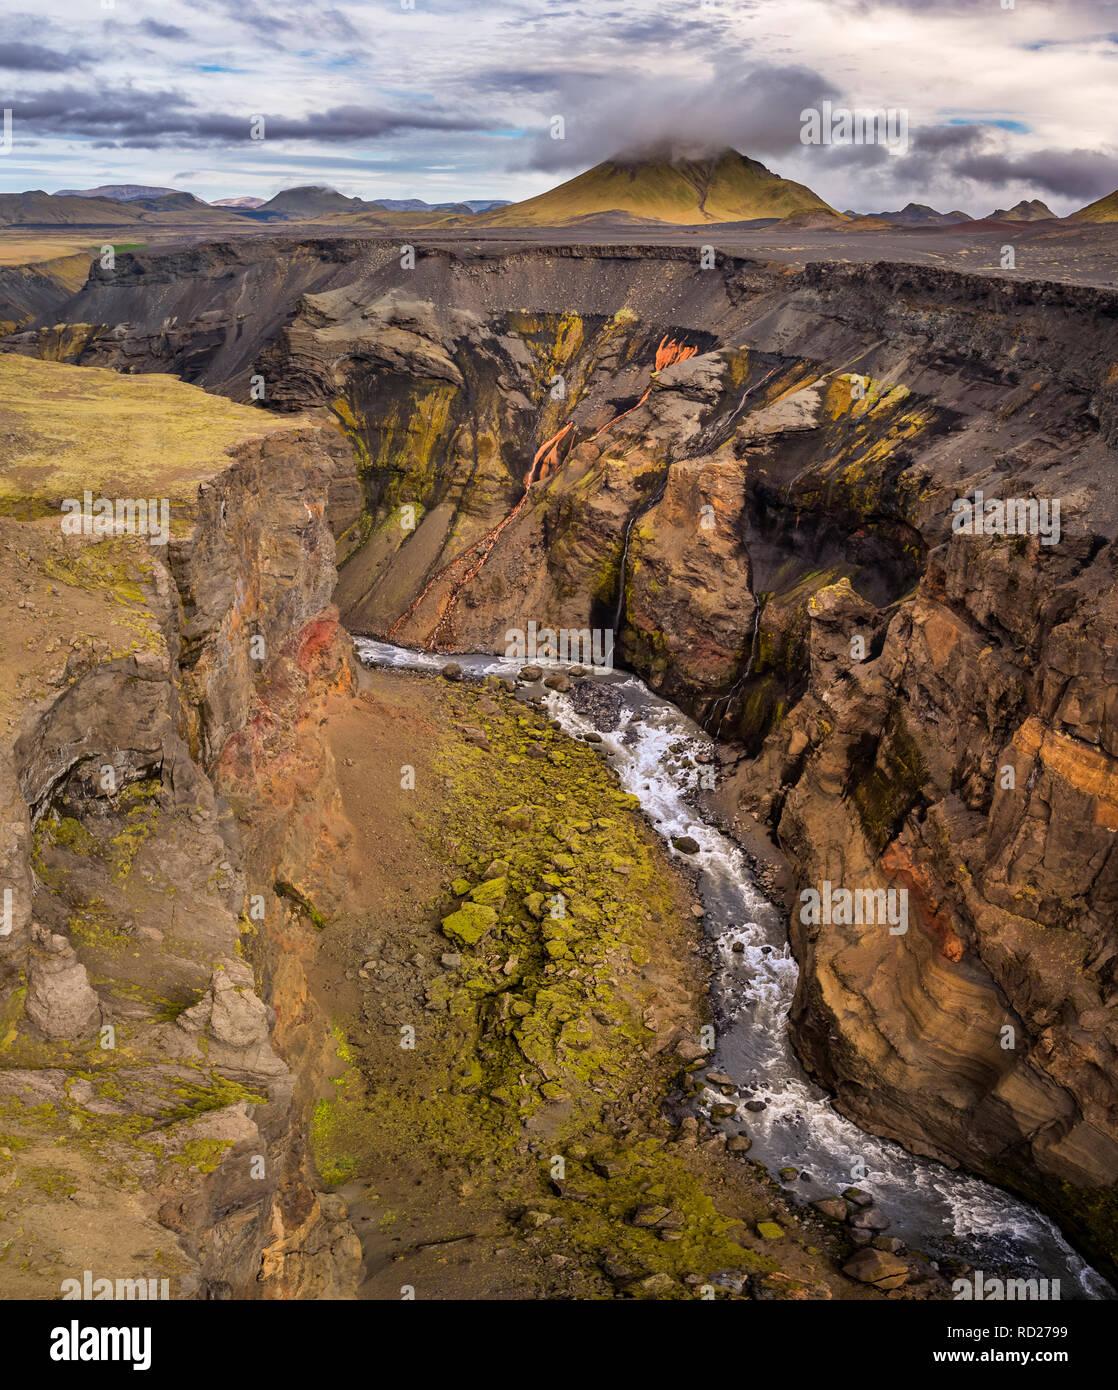 Markarfljotsgljufur Canyon, hauts plateaux du centre, de l'Islande Photo Stock